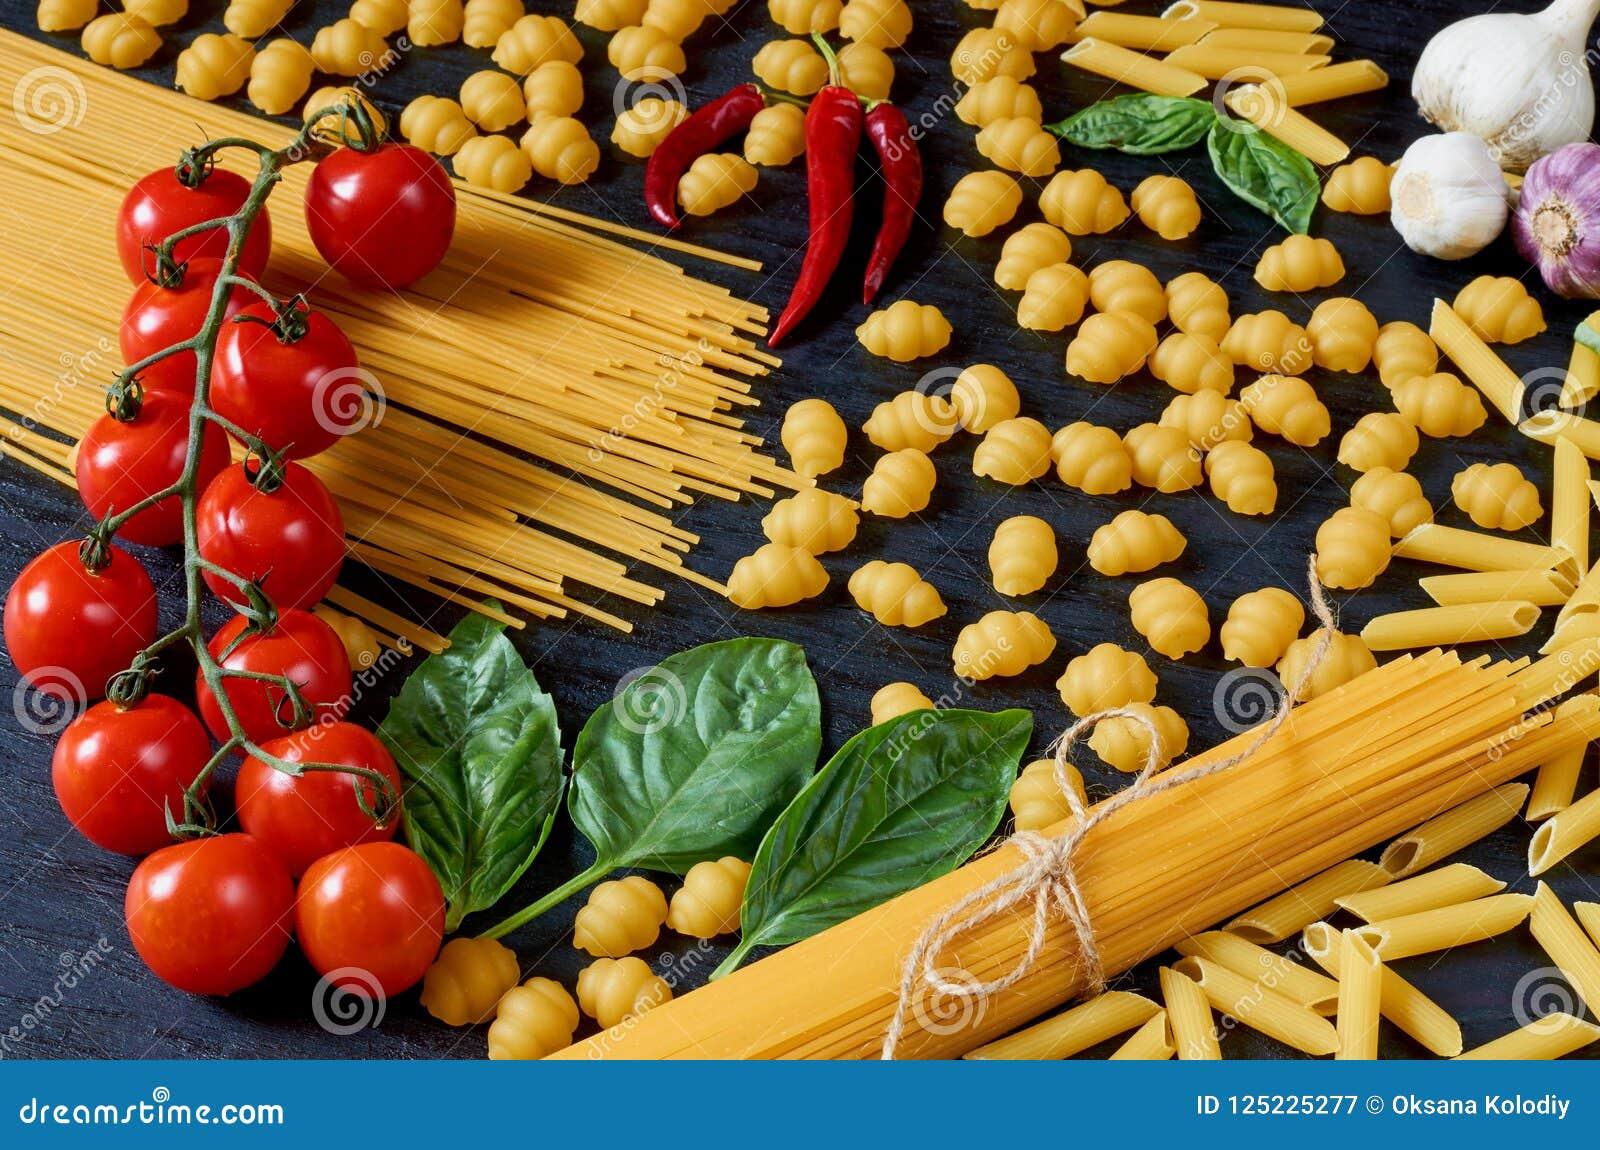 Italiensk traditionell mat, kryddor och ingredienser för att laga mat som basilika, körsbärsröda tomater, chilipeppar, vitlök och